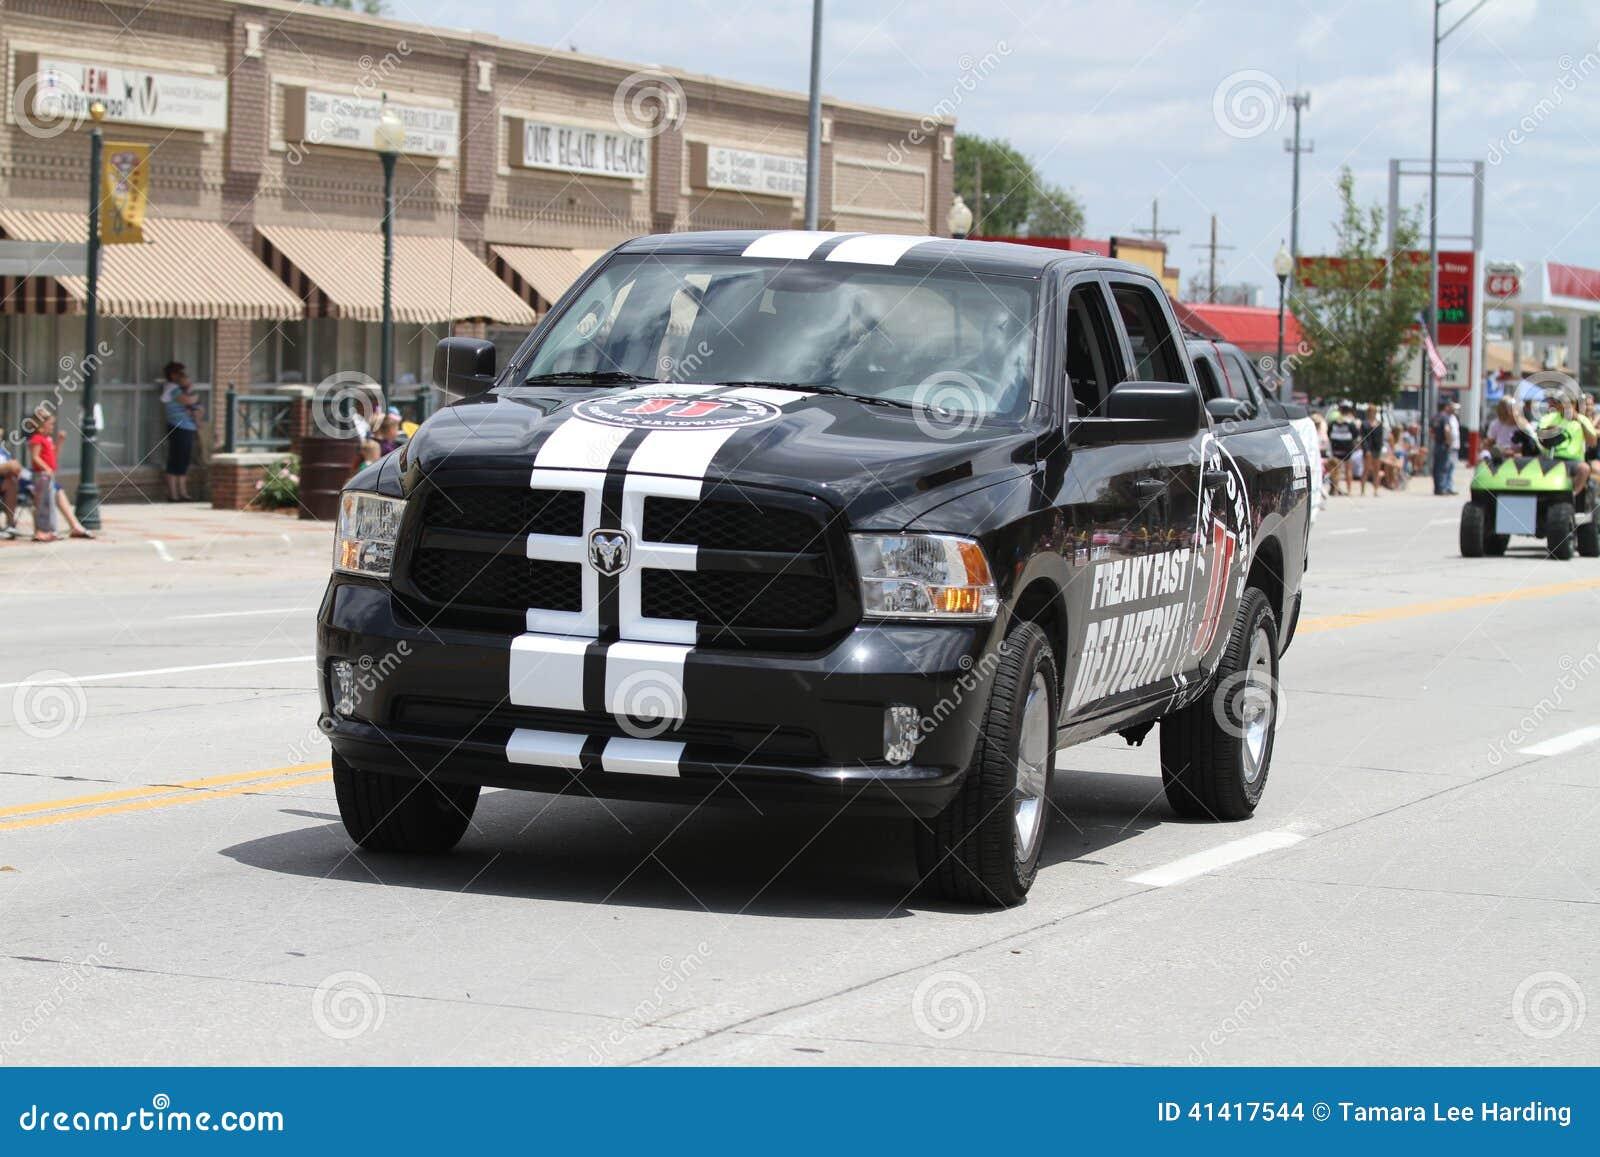 Jimmy Johns Delivery Truck eine Kleinstadtparade in Amerika